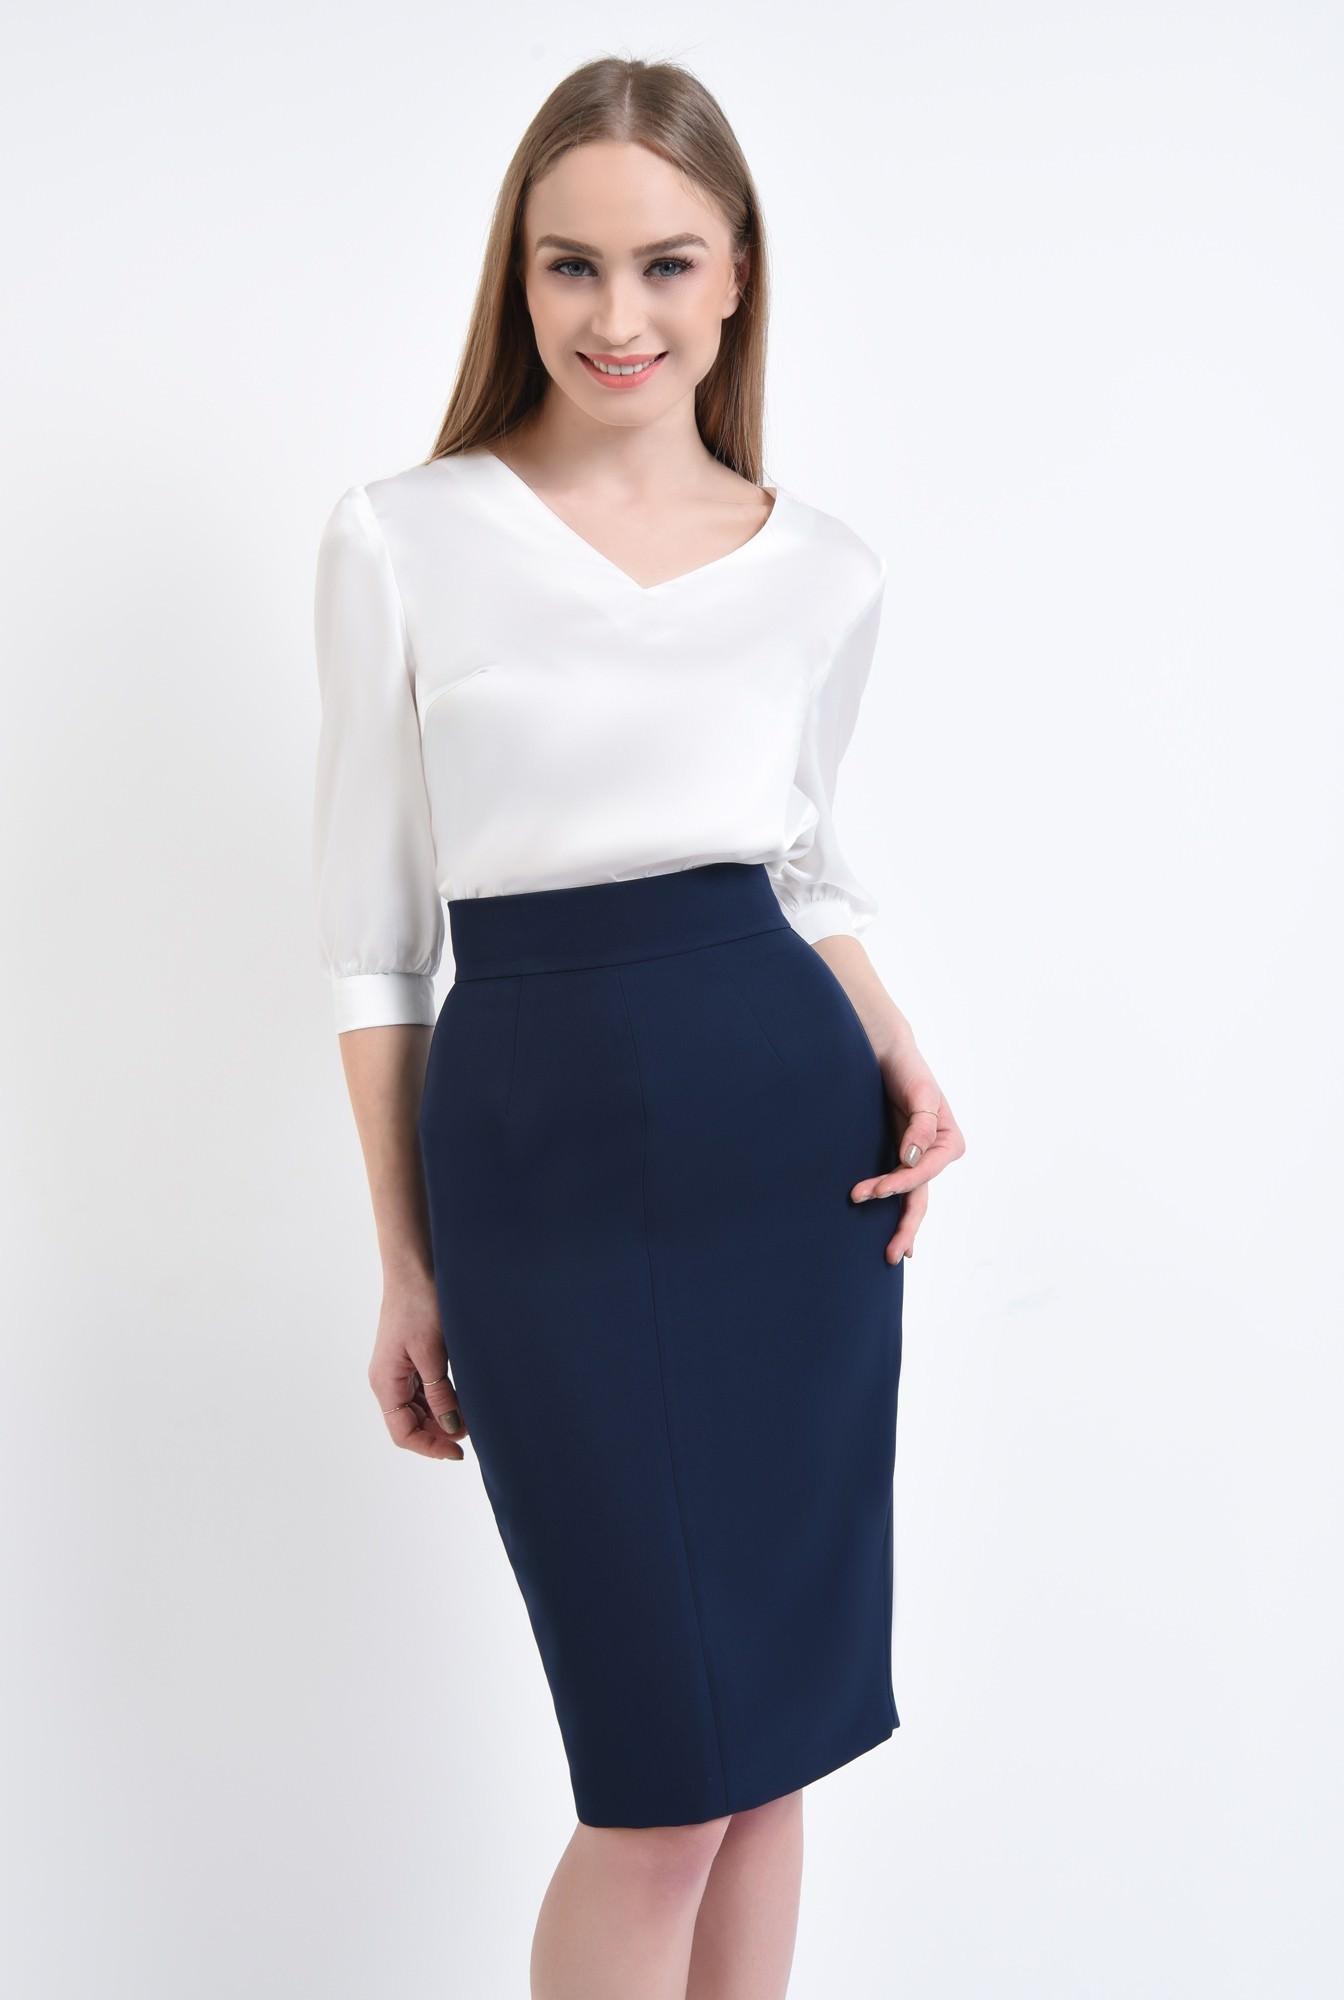 0 - 360 - Bluza eleganta ivoar, maneci midi, mansete